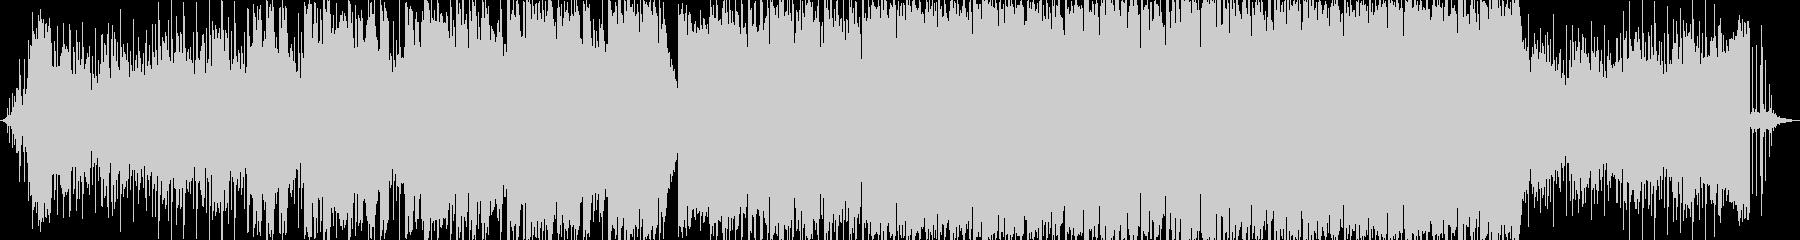 動画 説明的 静か 繰り返しの ク...の未再生の波形